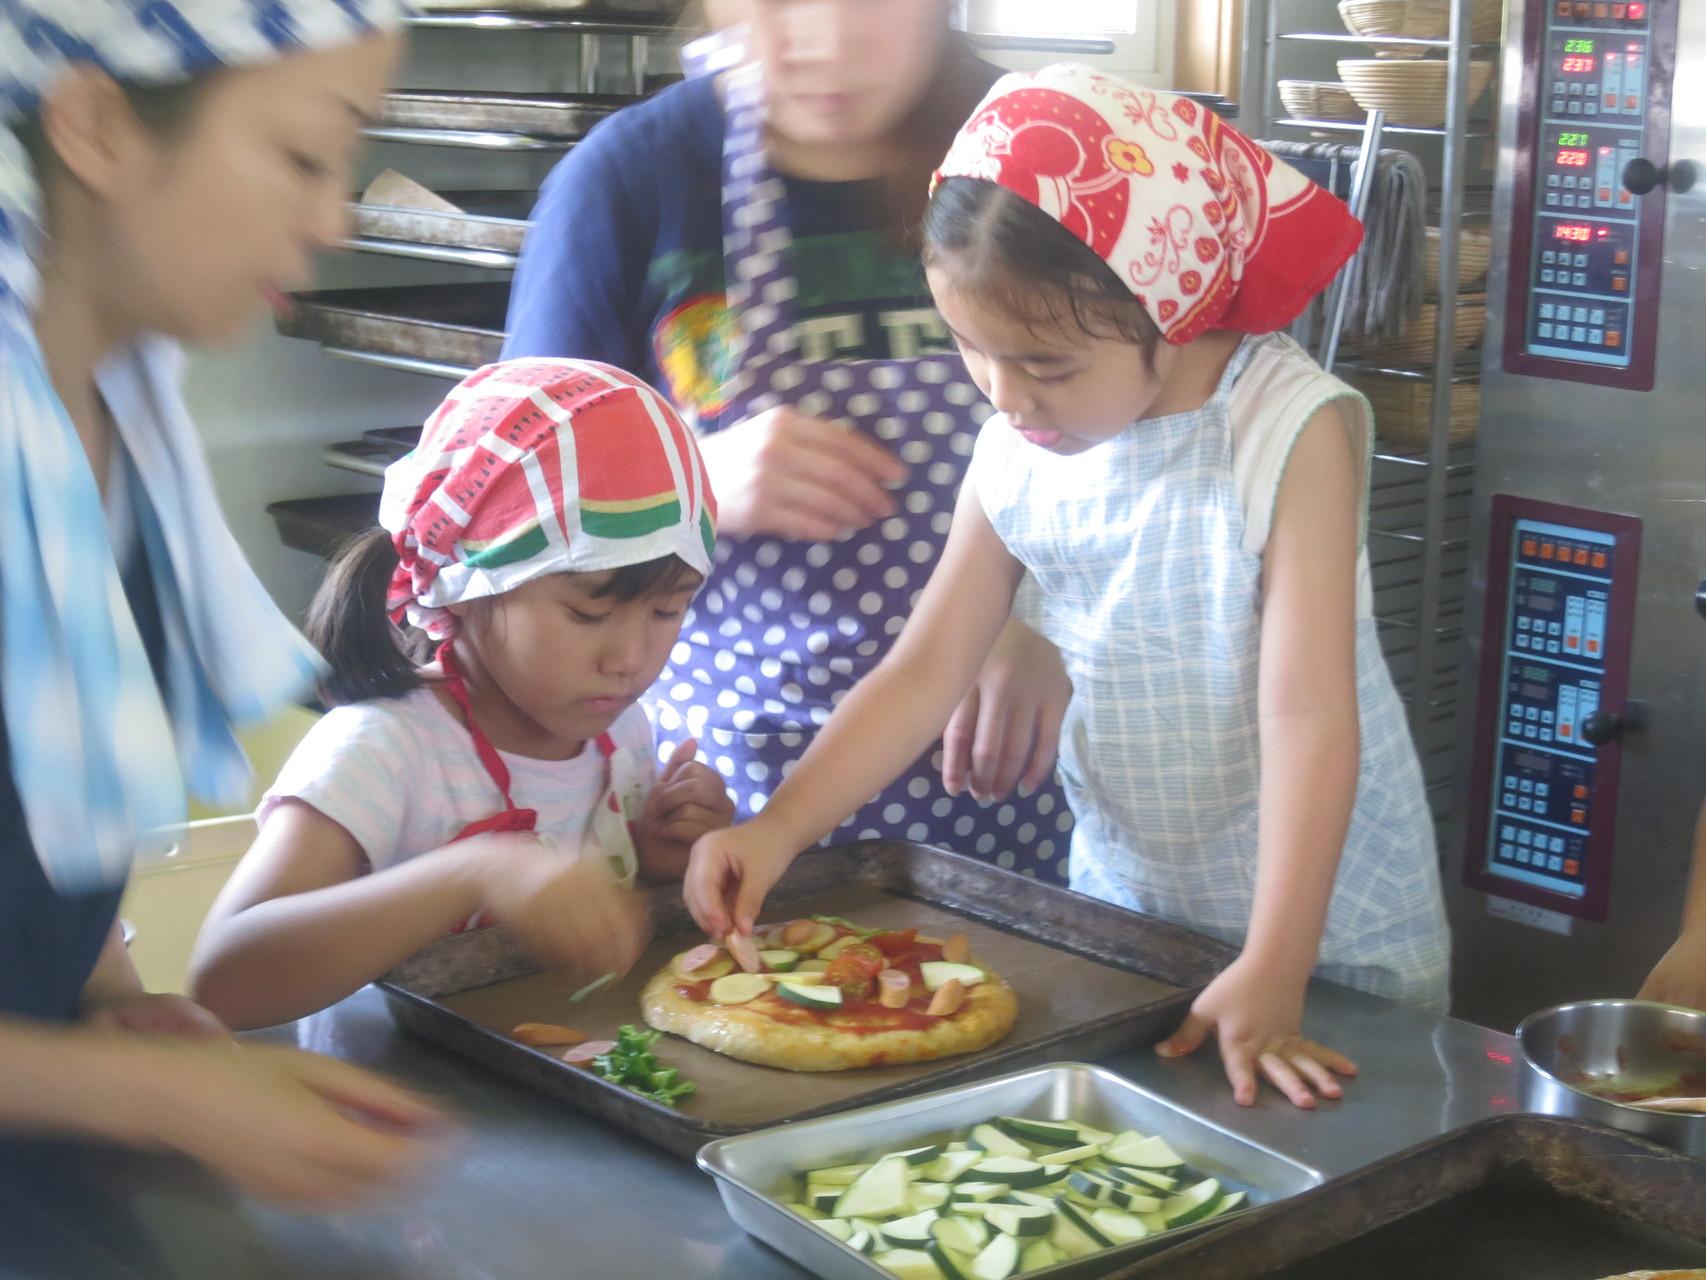 パン工房に戻ったら、穫れたてじゃがいもを使って、ピザ作り!